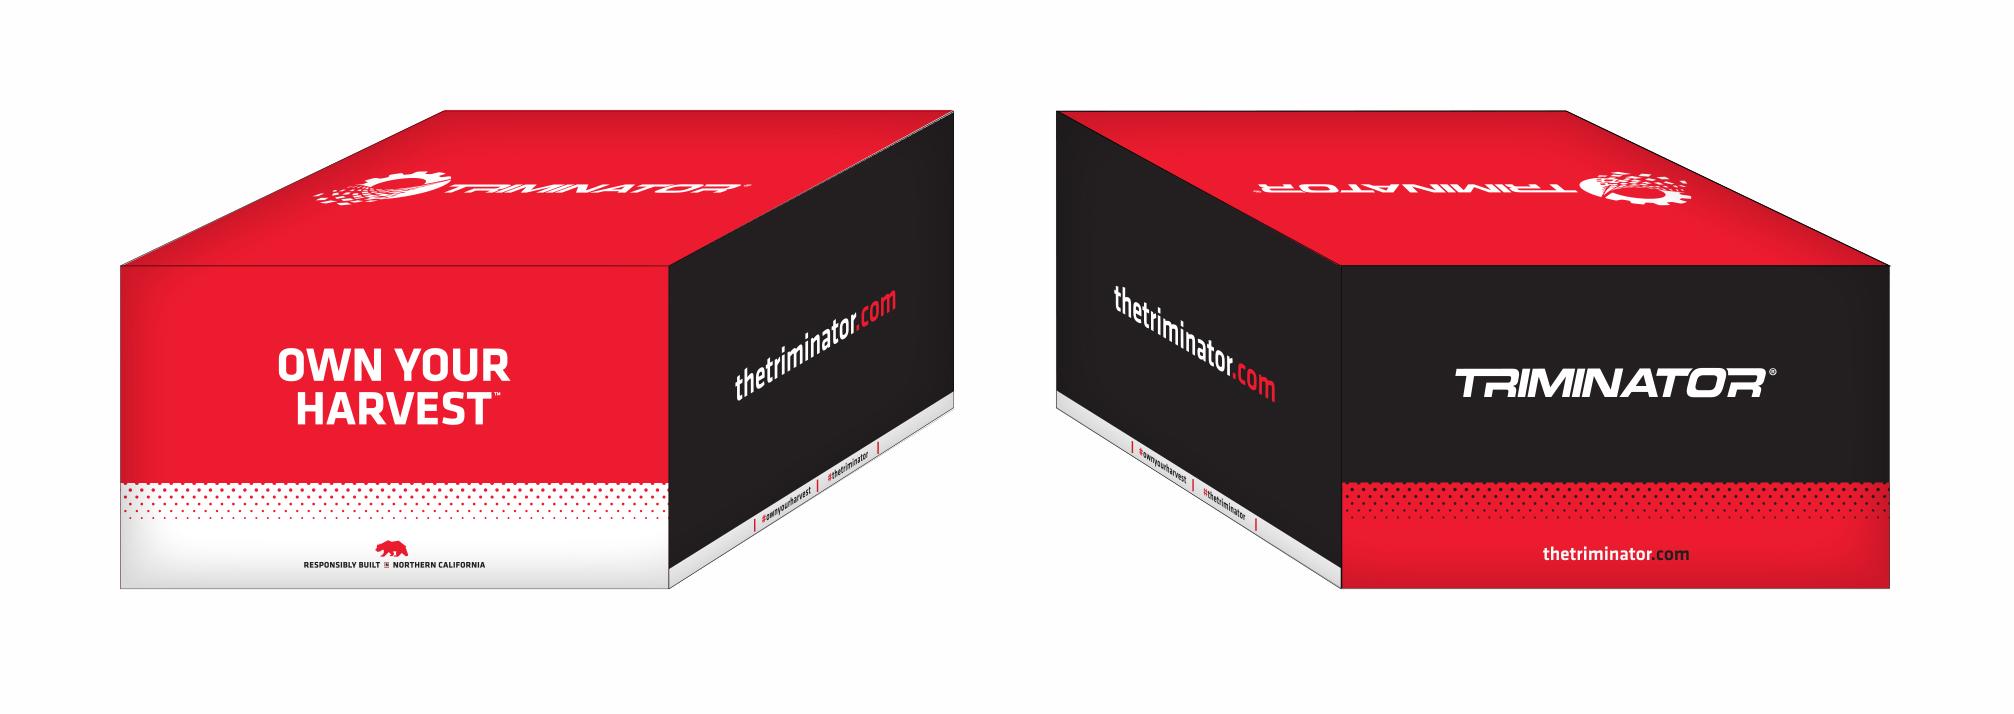 triminator-packaging-3.jpg